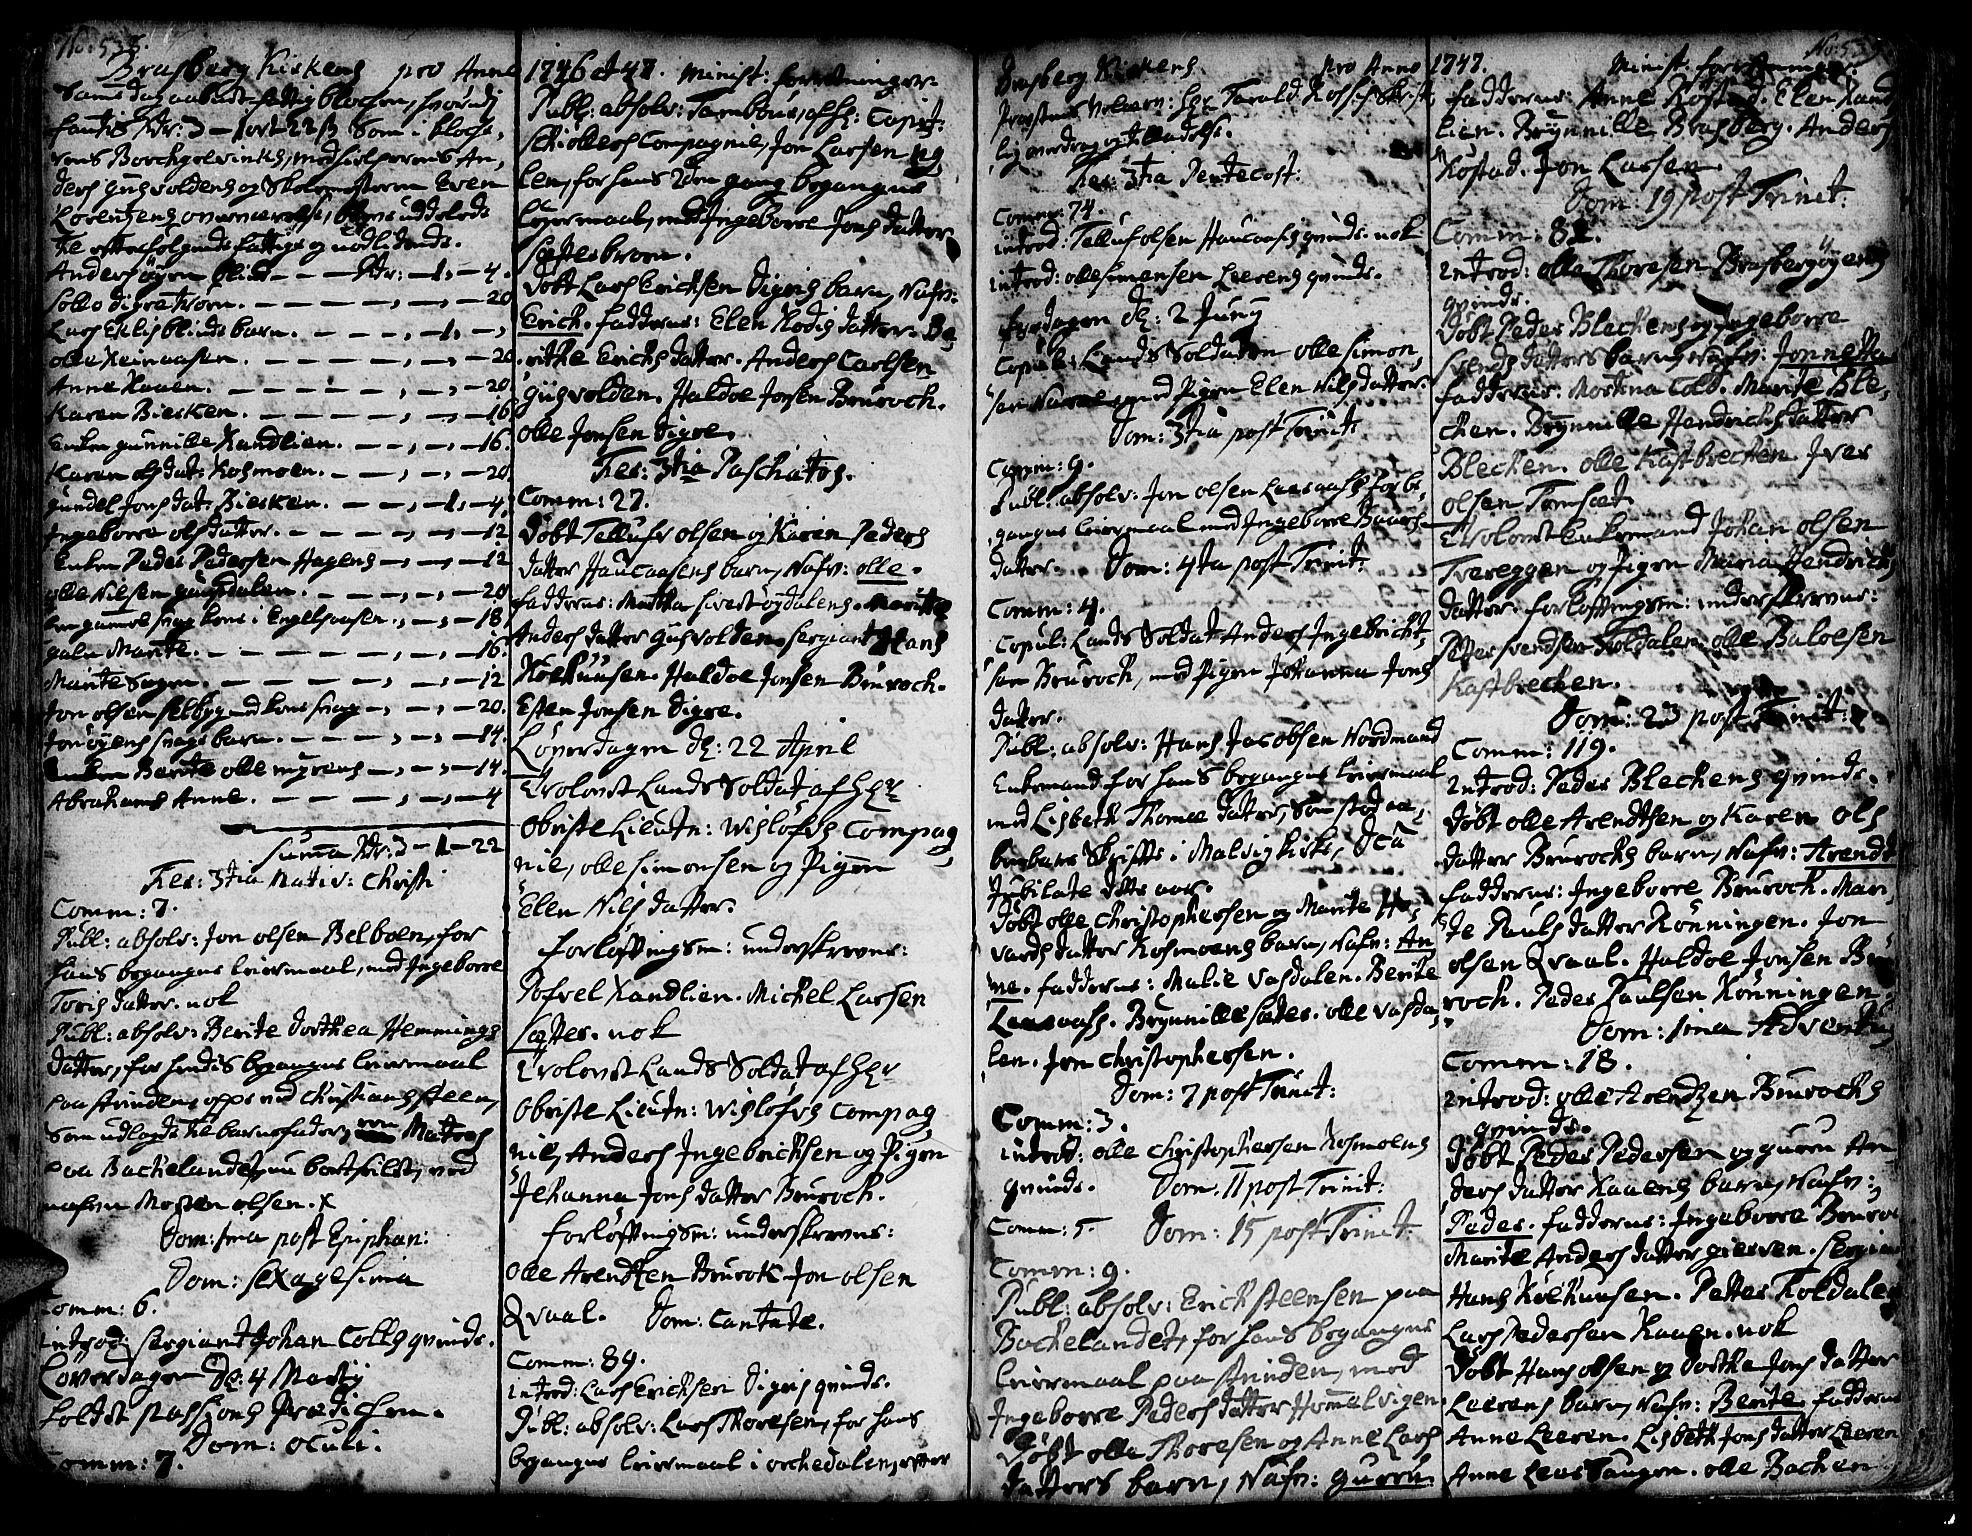 SAT, Ministerialprotokoller, klokkerbøker og fødselsregistre - Sør-Trøndelag, 606/L0278: Ministerialbok nr. 606A01 /4, 1727-1780, s. 538-539